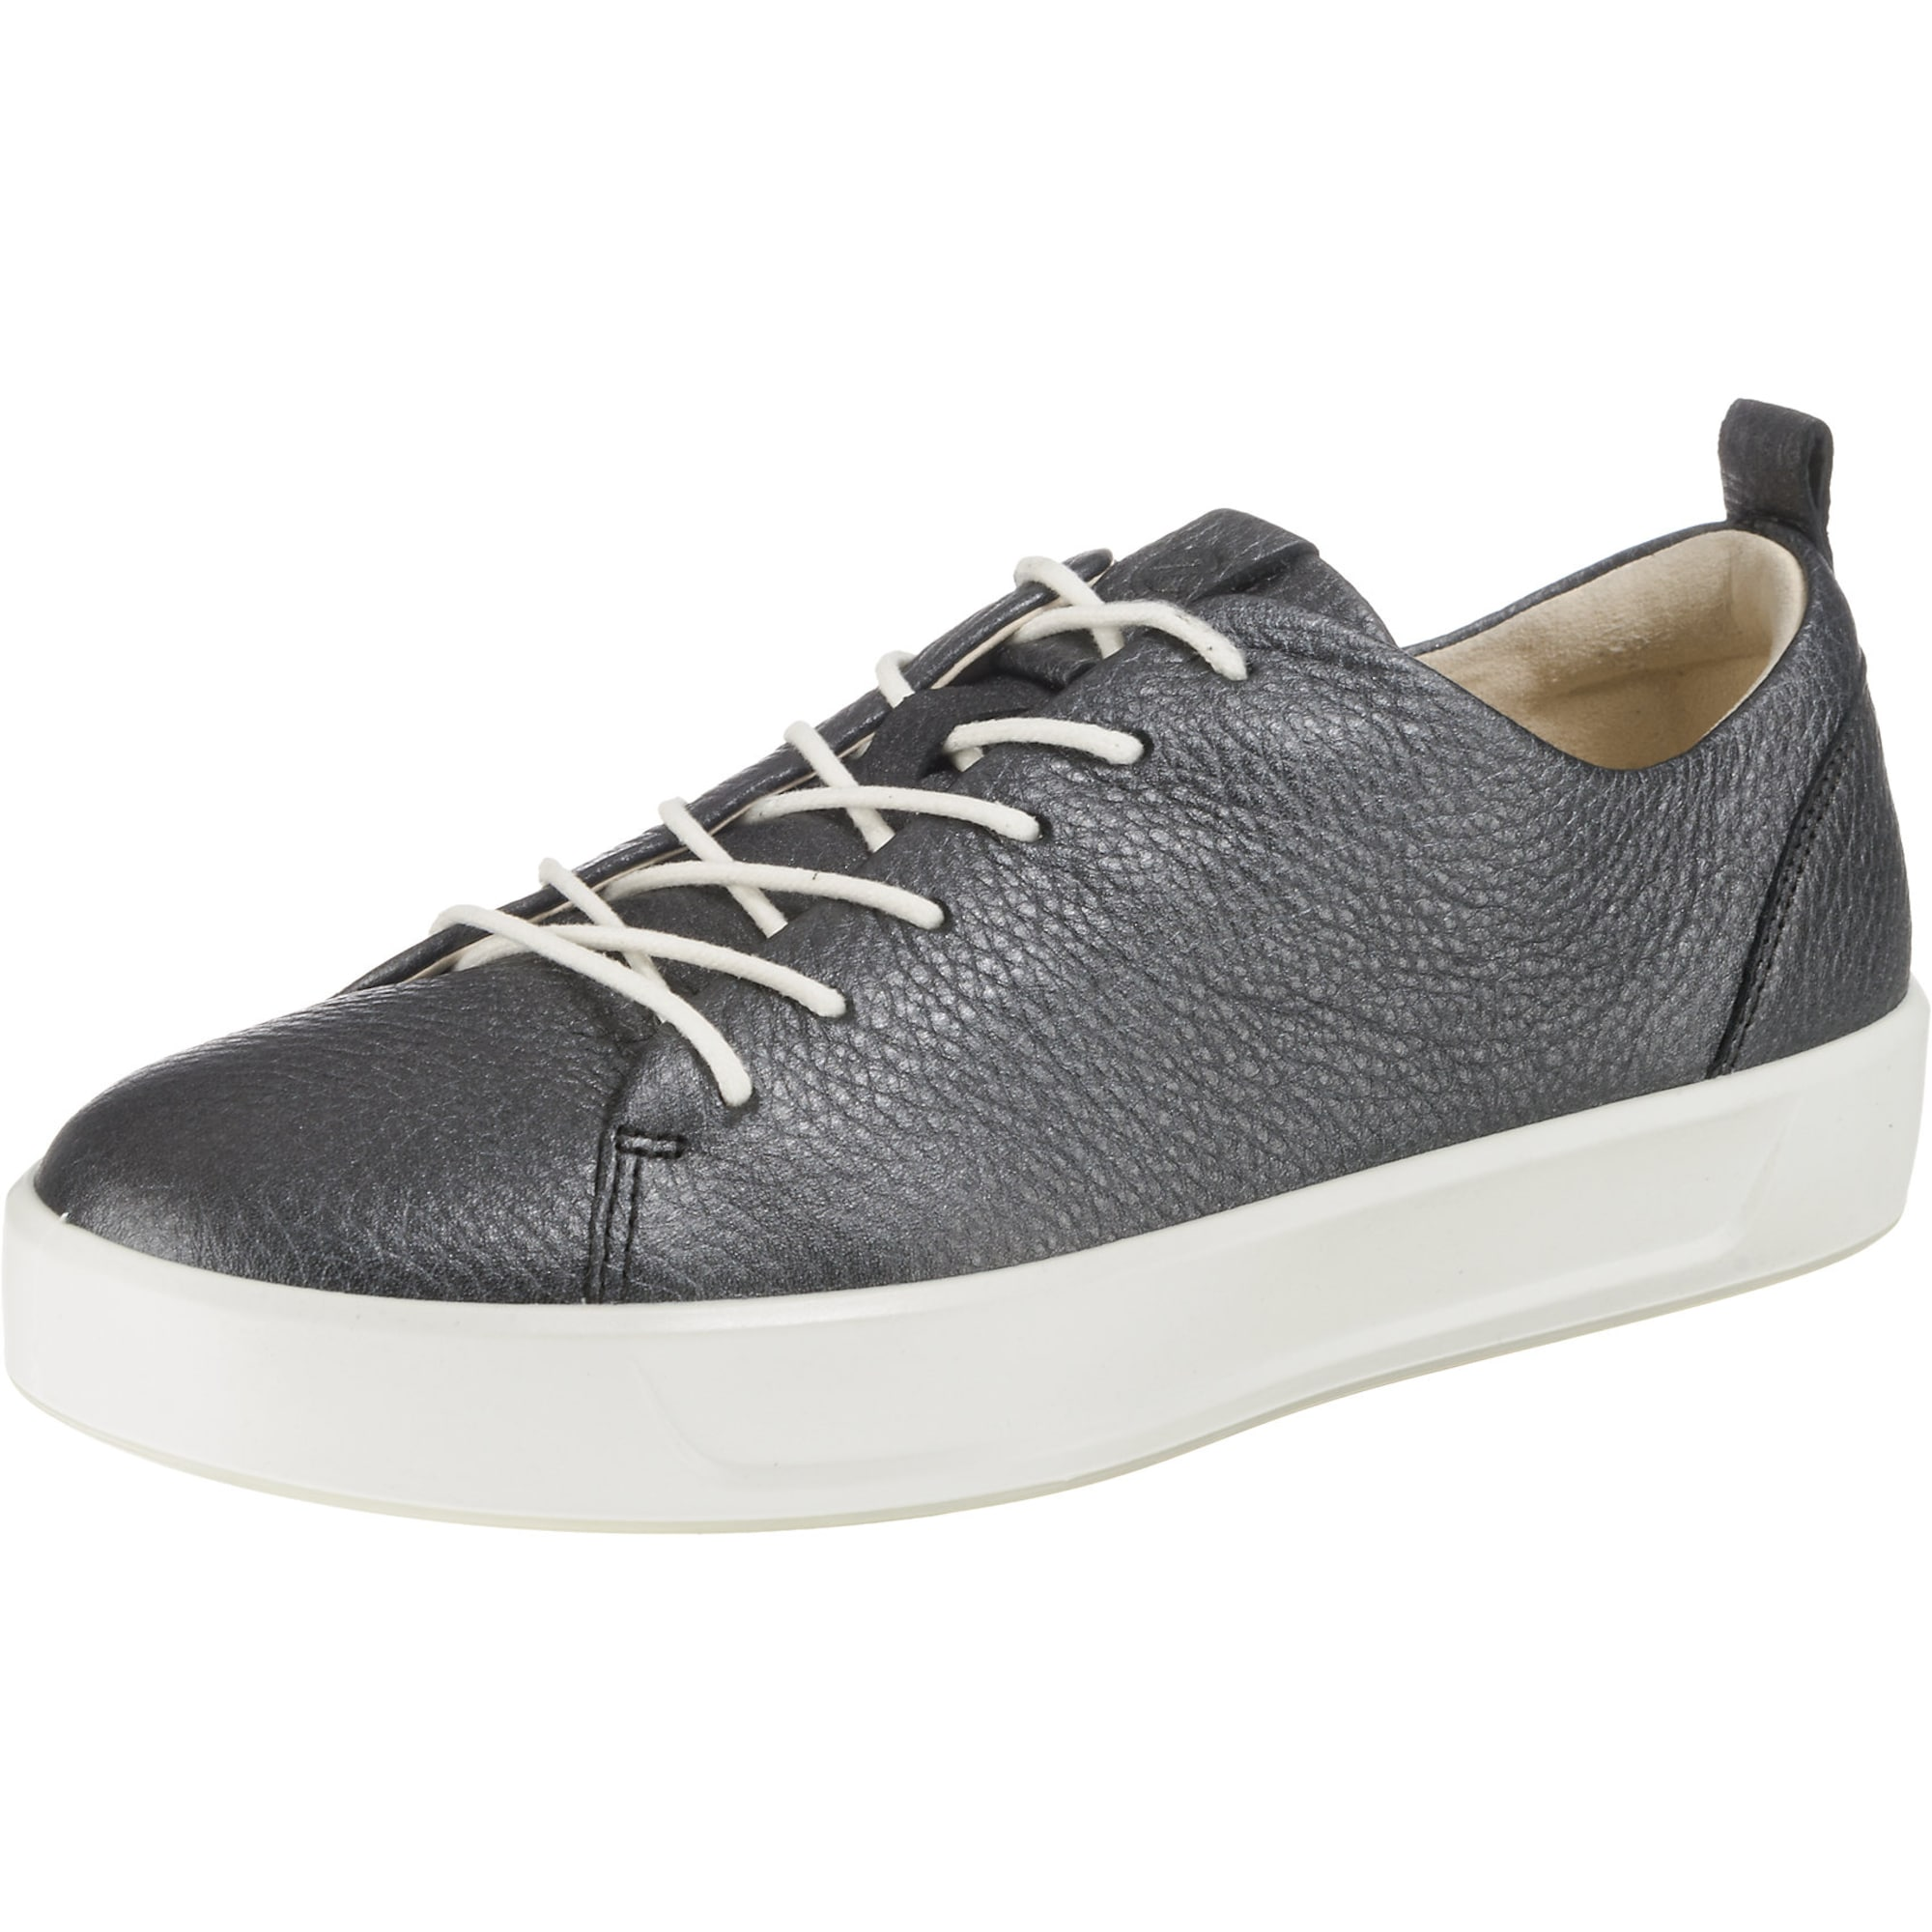 Sneakers Low 'Soft 8 L' | Schuhe > Sneaker | ECCO